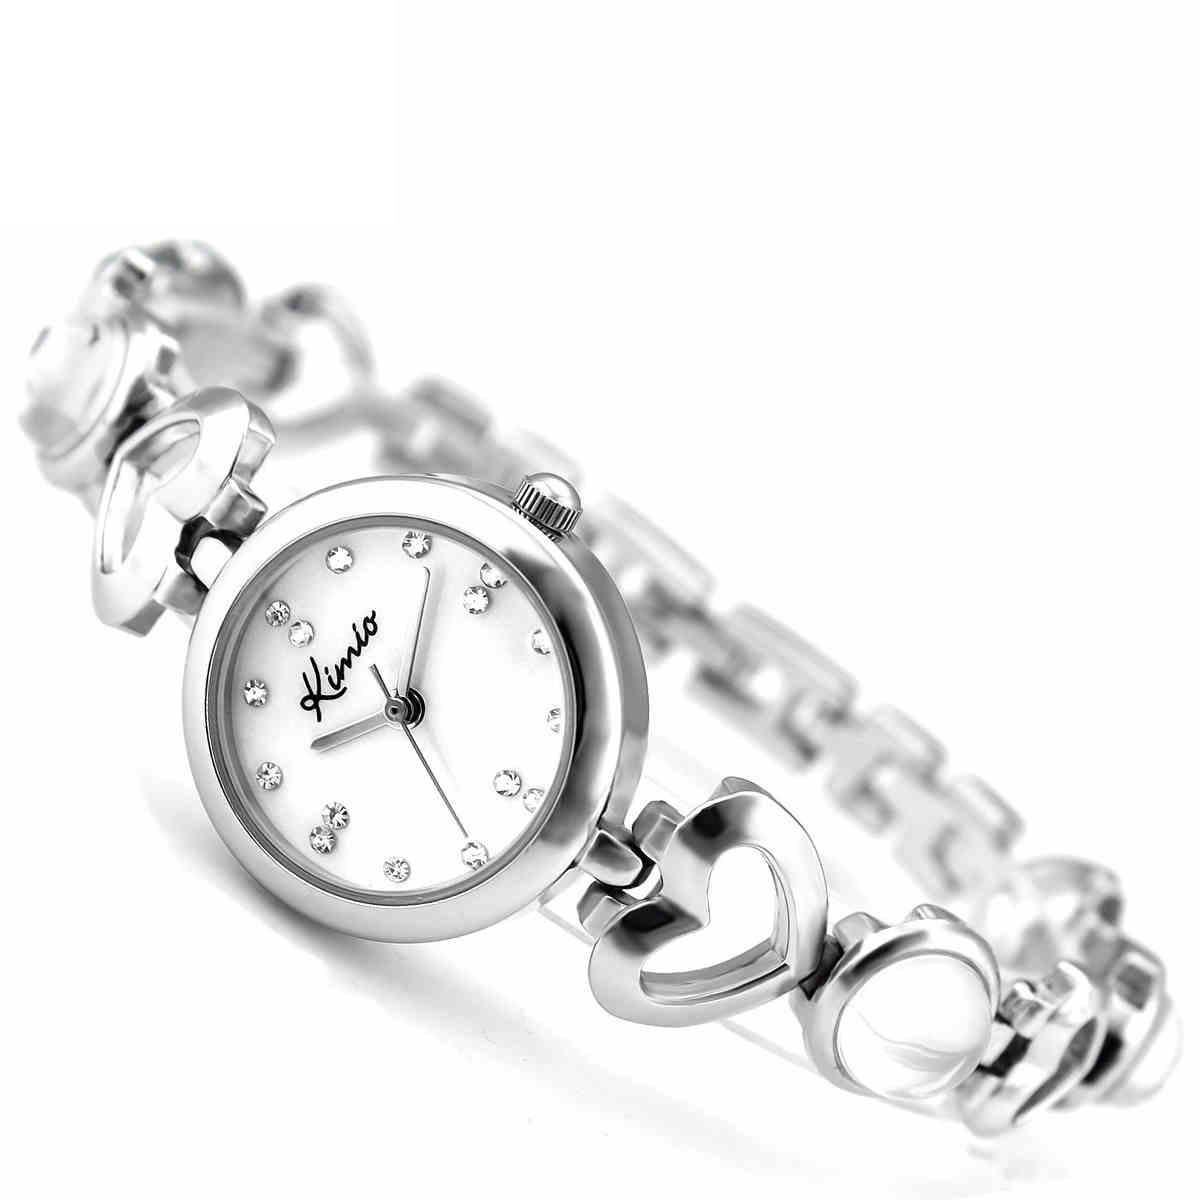 Наручные часы Kimio  428